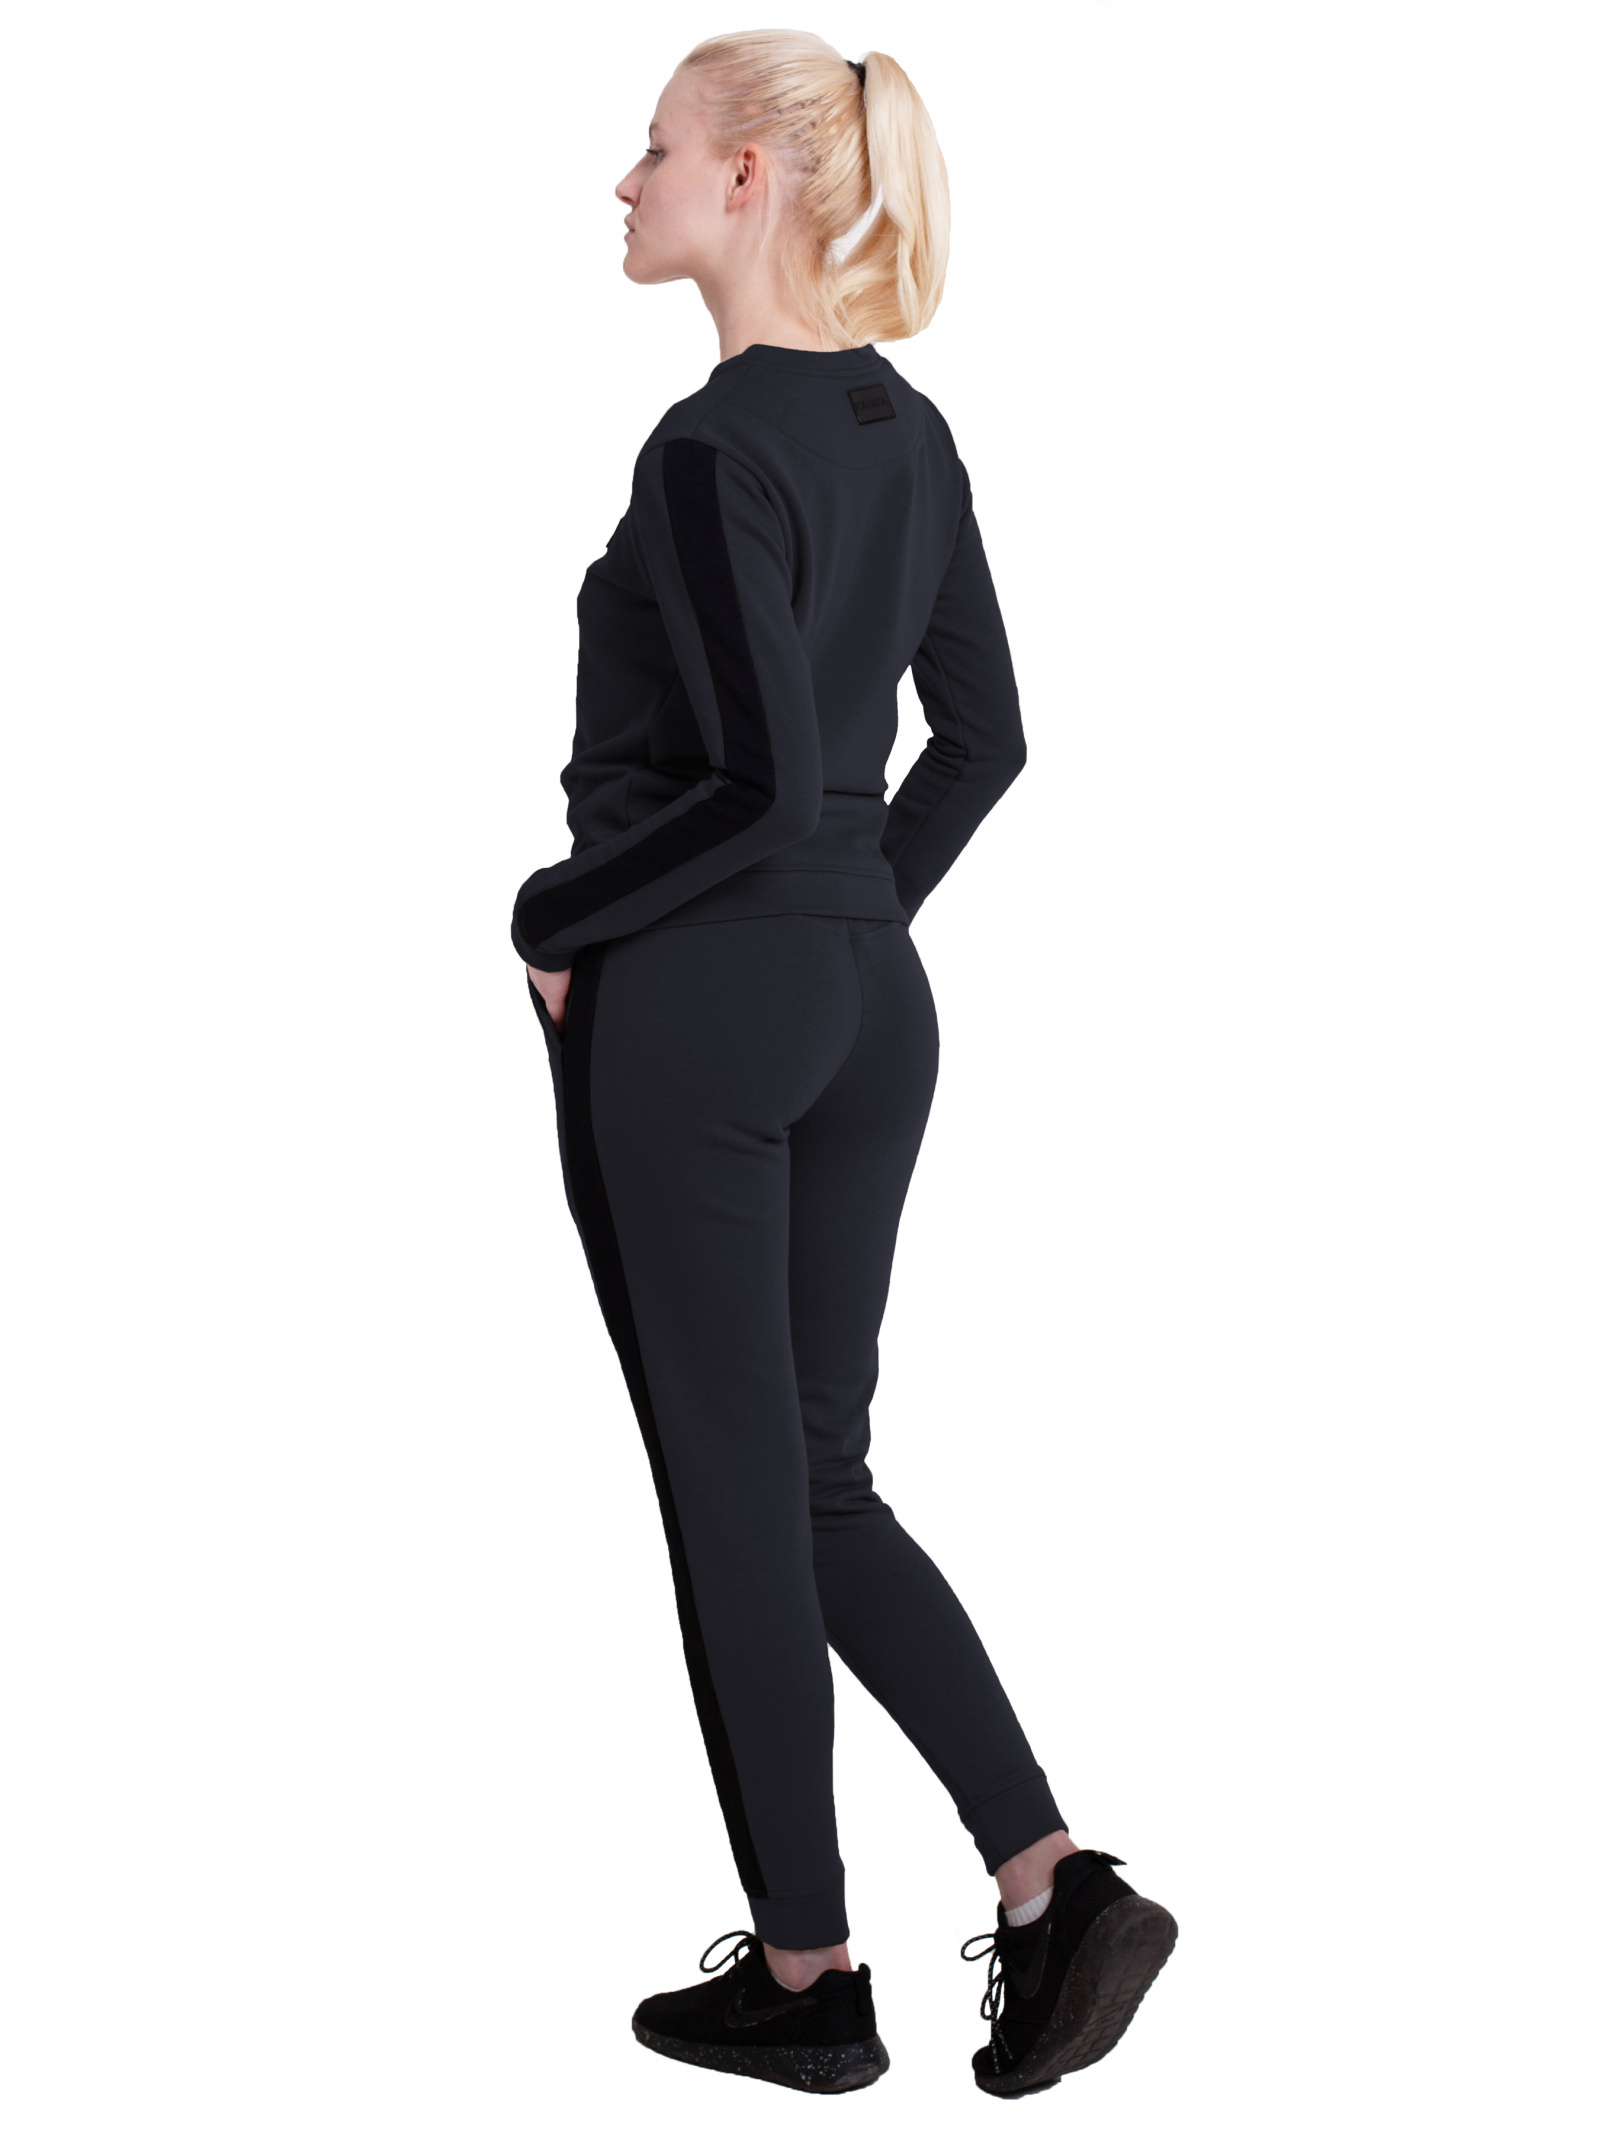 KARUA Костюм (спорт) жіночі модель S-00657 ціна, 2017